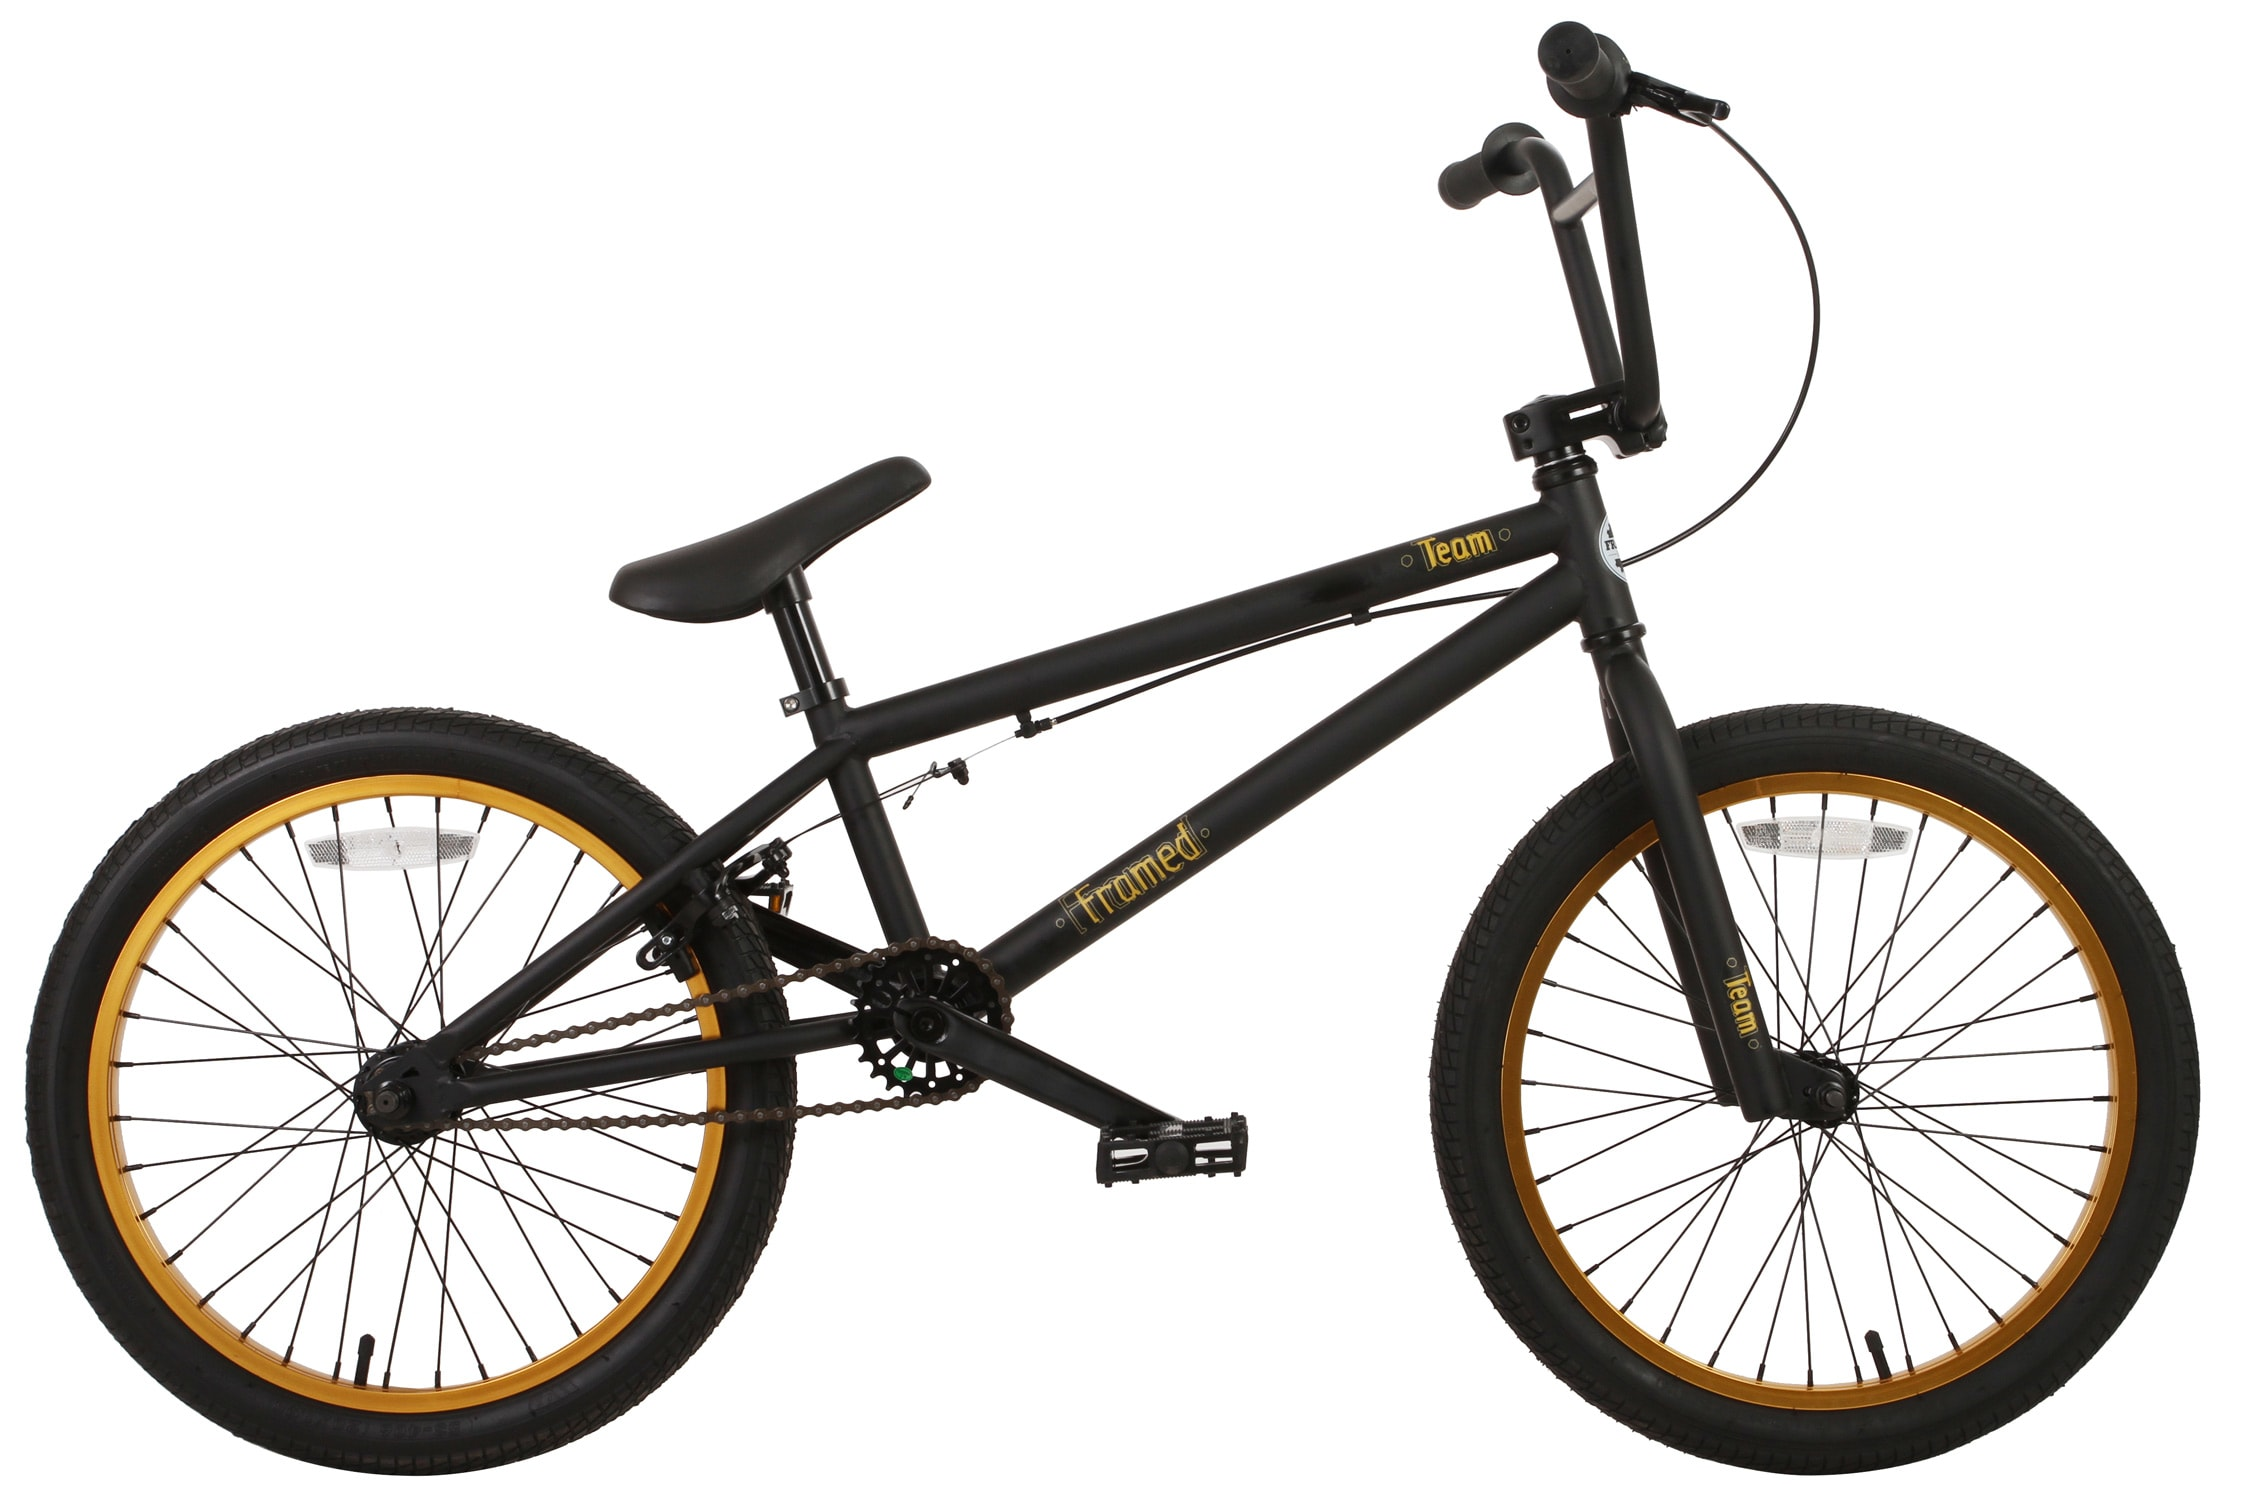 On Sale Framed Team Bmx Bike Up To 40 Off